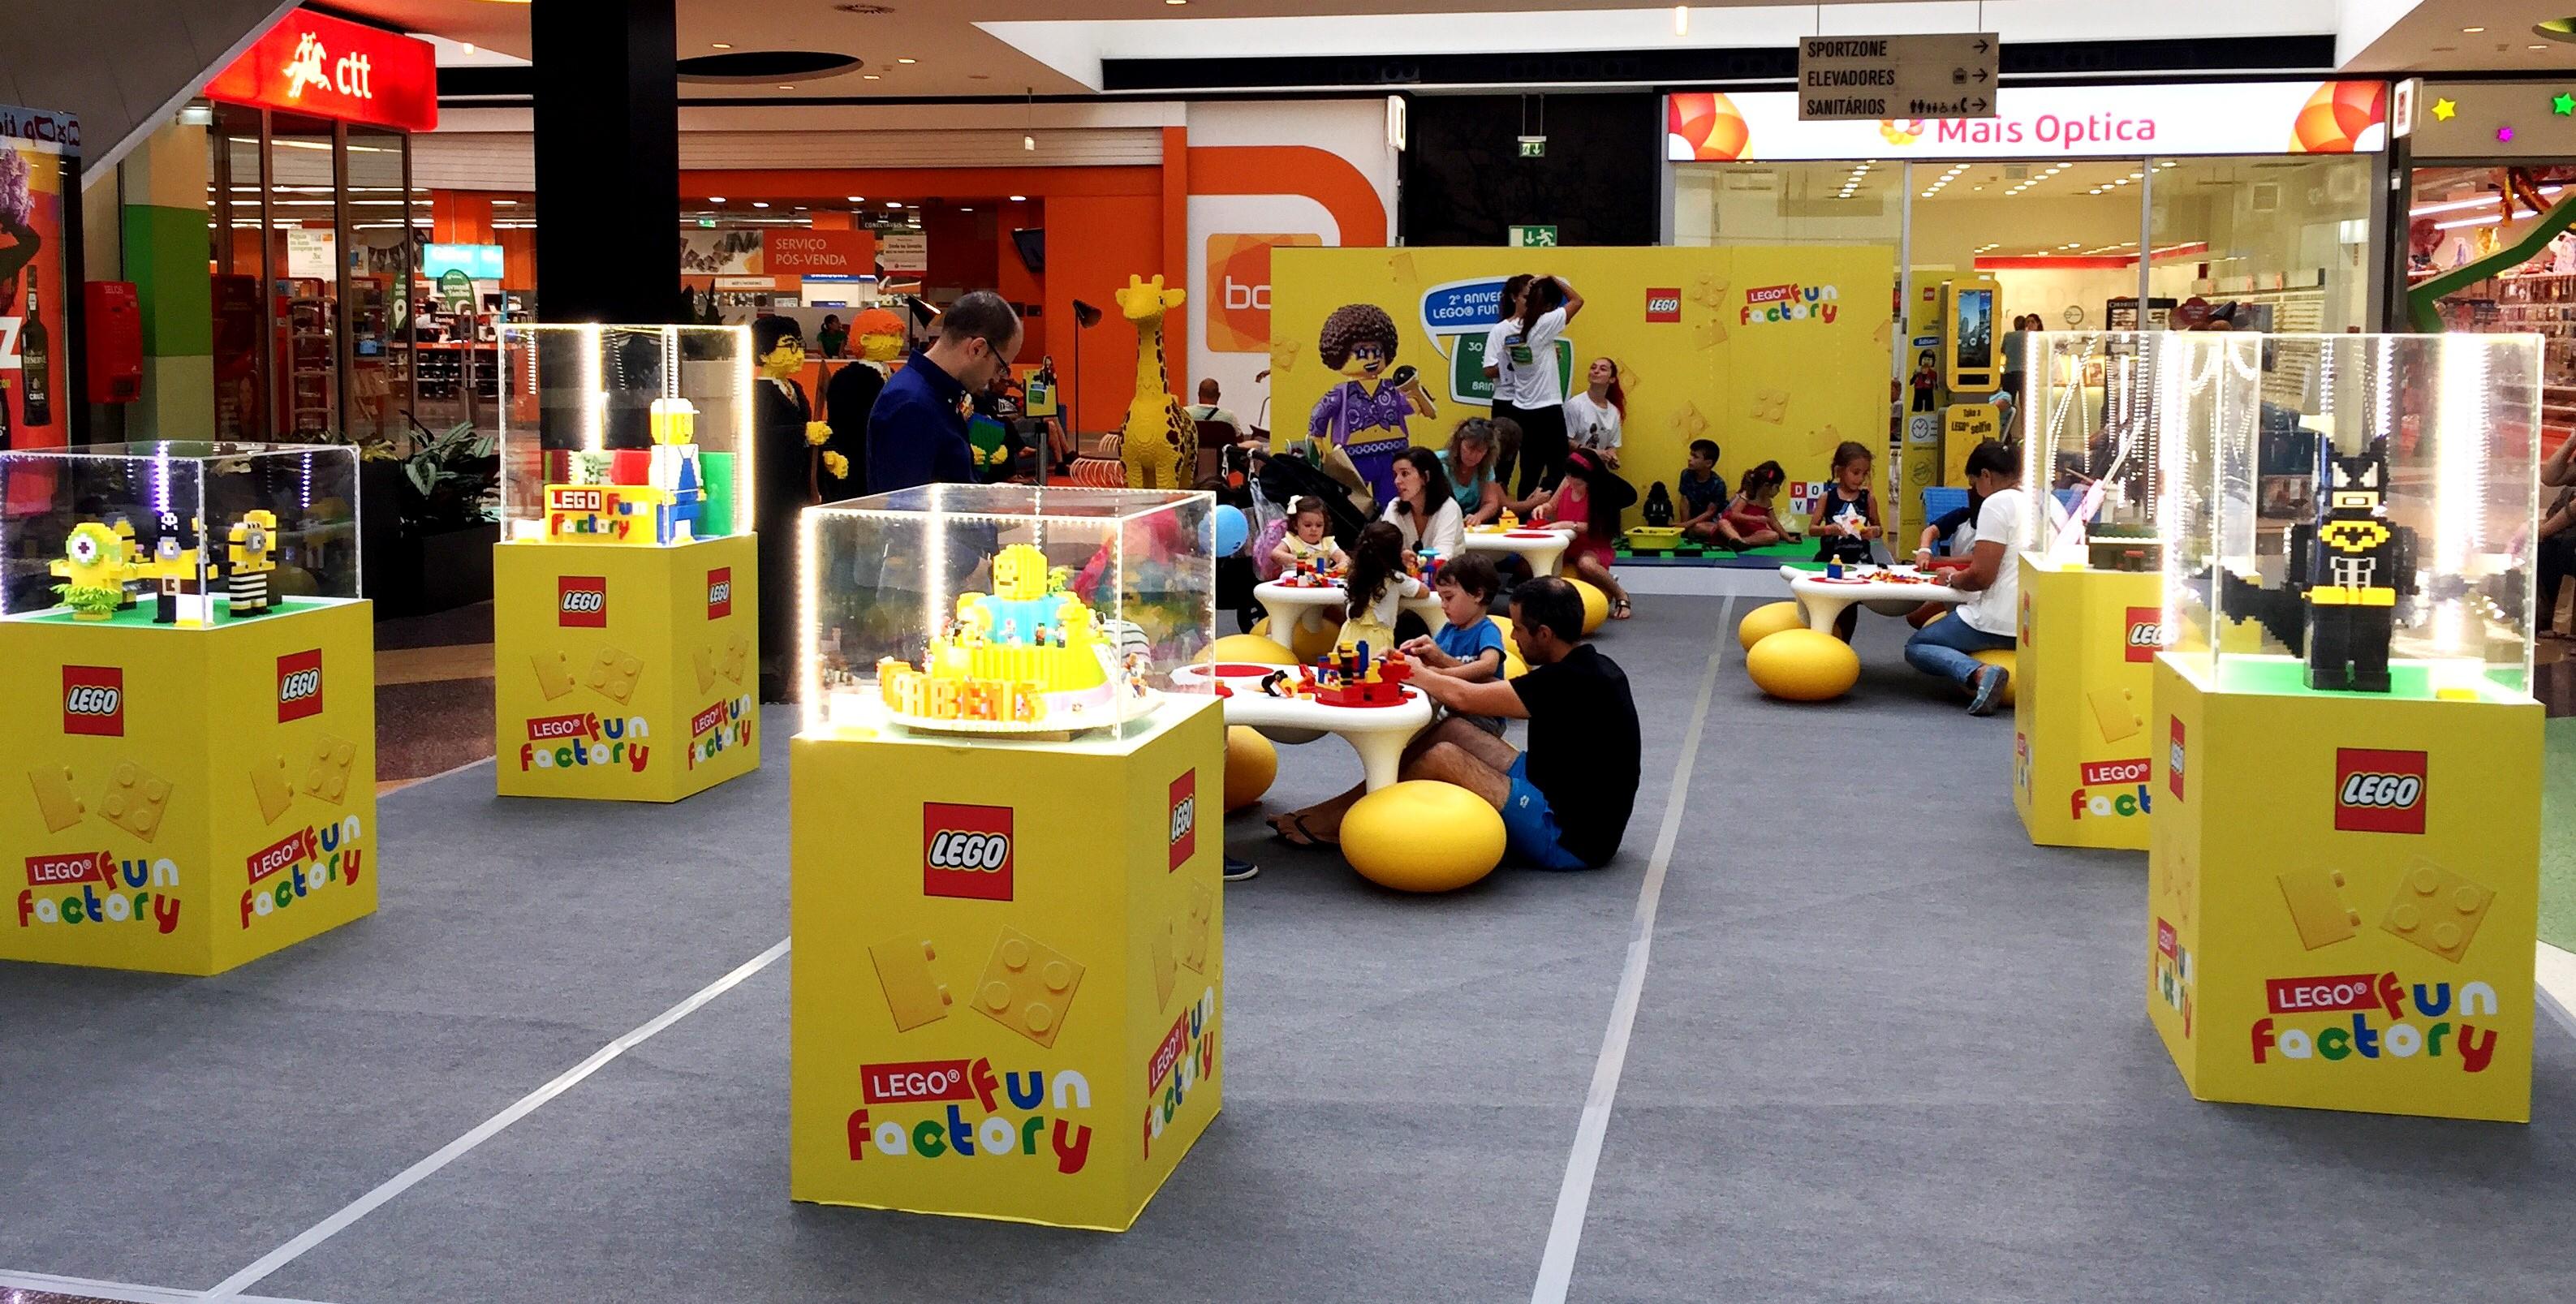 """26e7399a589da A saga """"Star Wars"""" toma conta da Lego Fun Factory"""